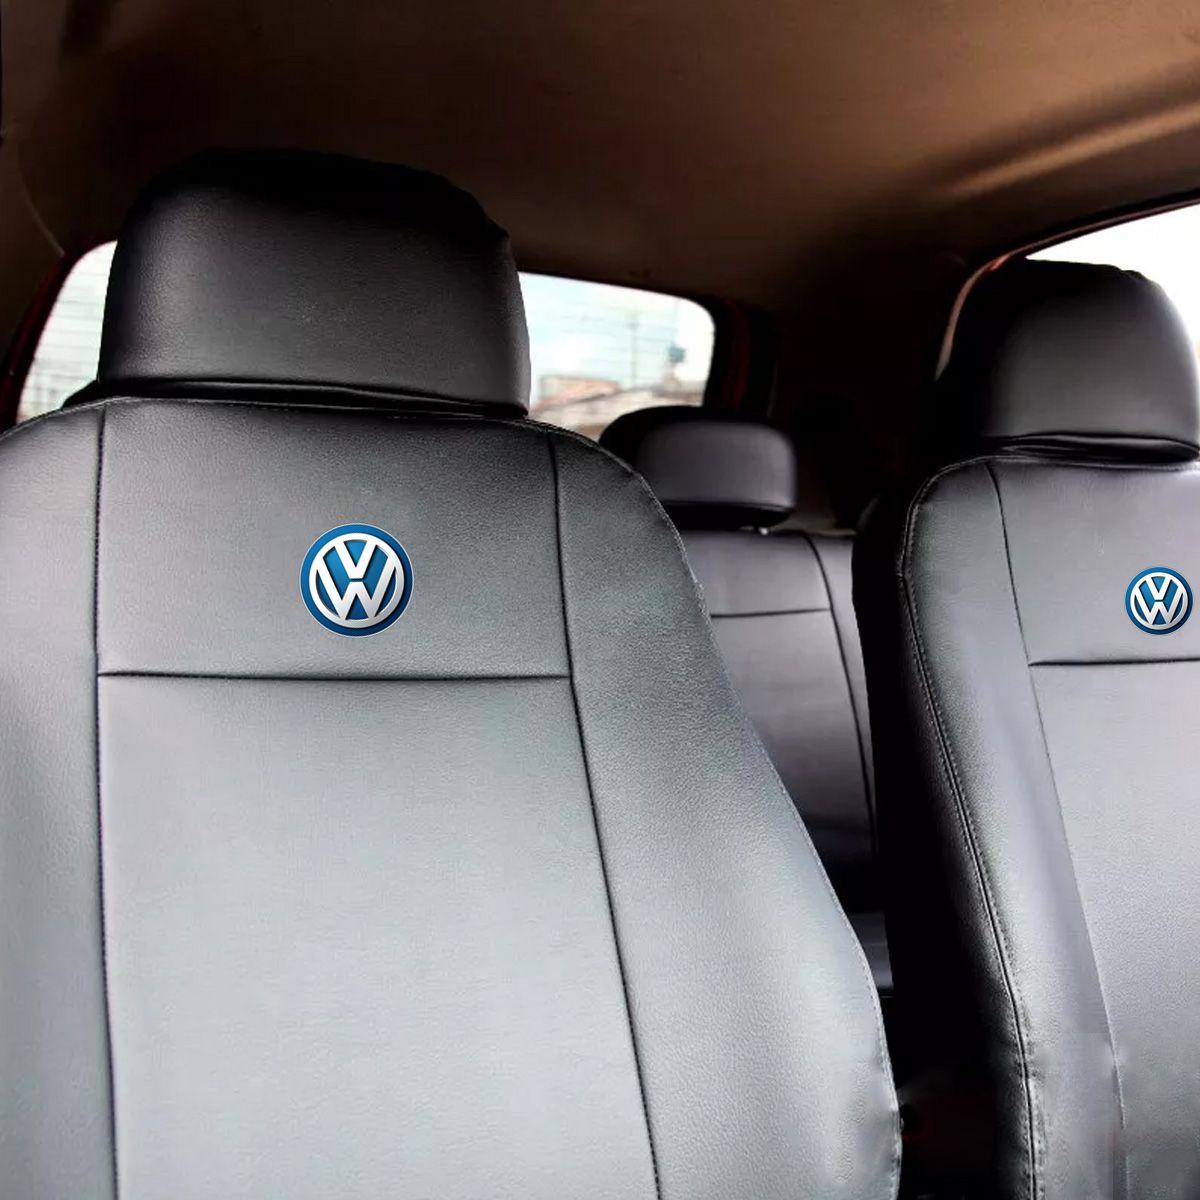 Capa de Banco Volkswagen Gol G2 G3 G4 G5 Saveiro Golf Couro Bordado Todos Vw Poliparts